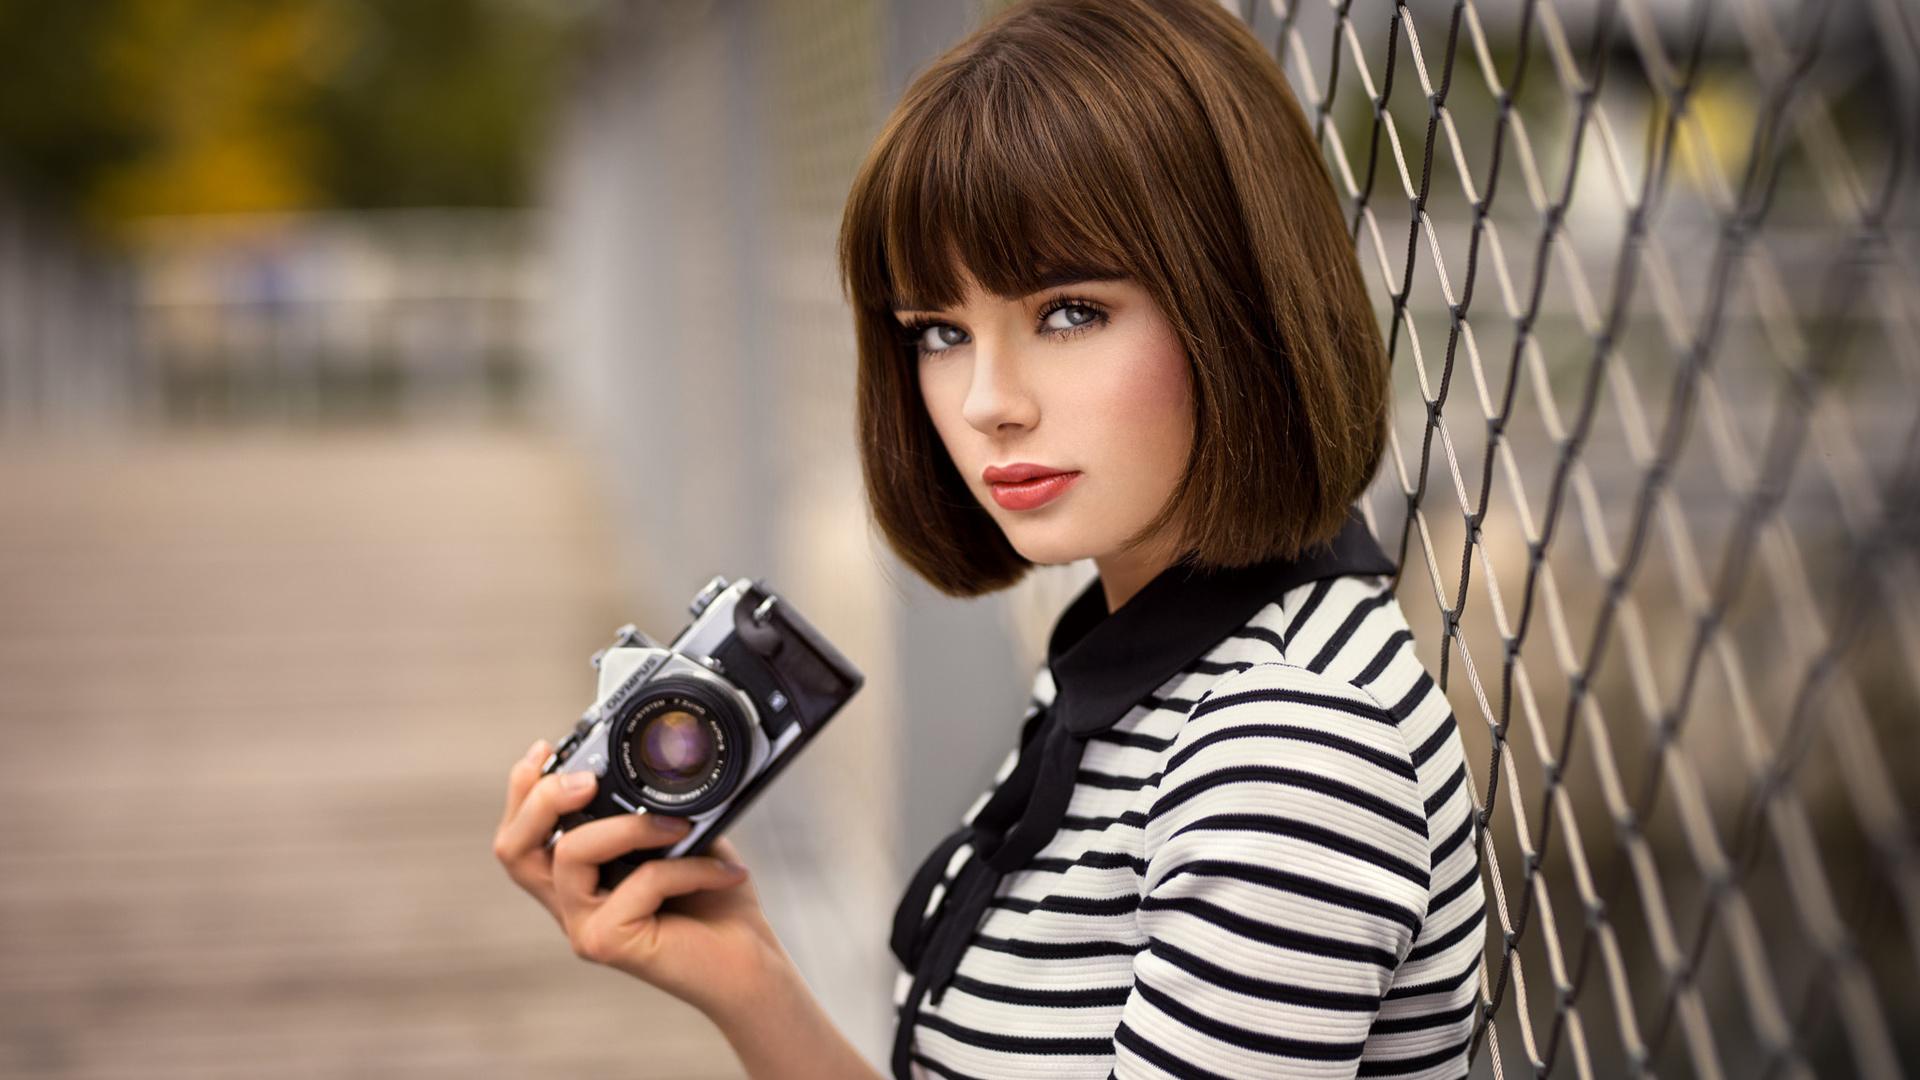 молодые модные фотографы любителей барбекю активного